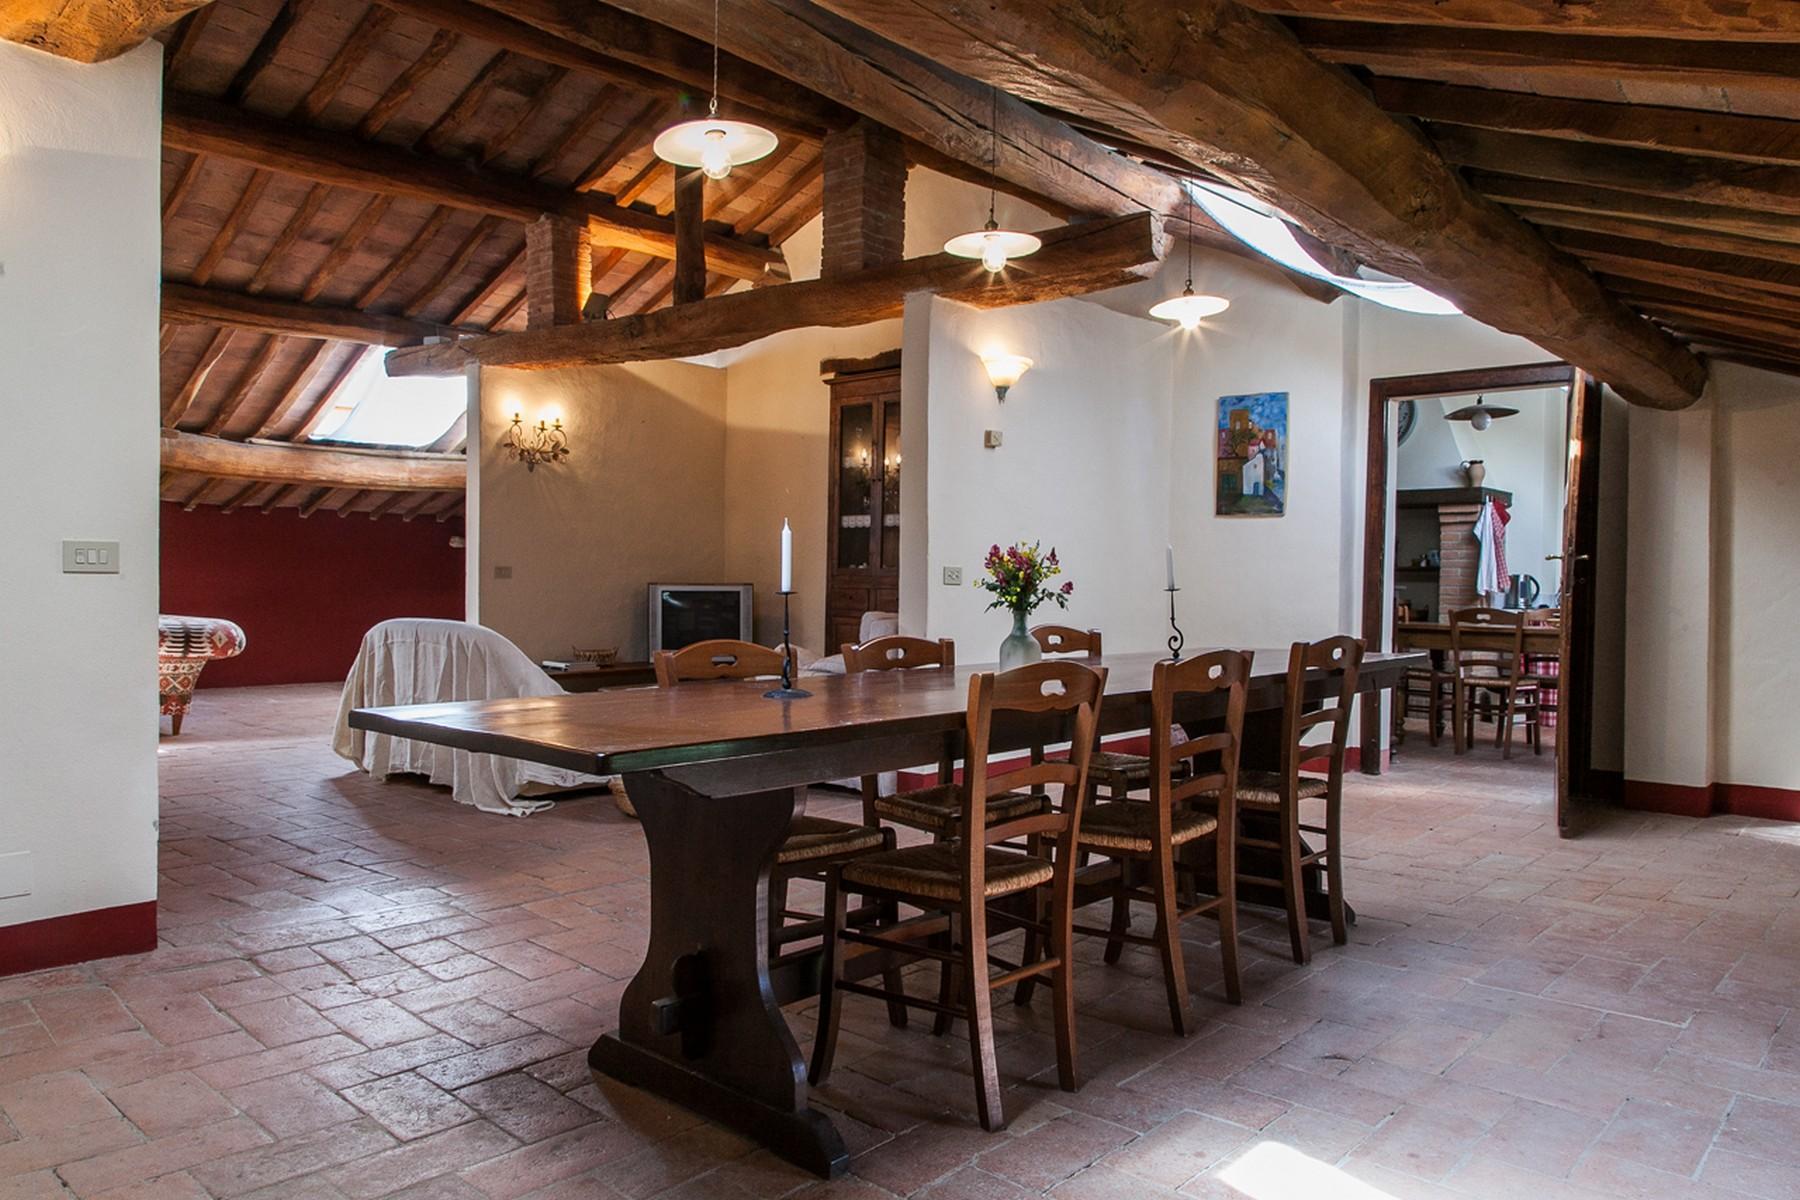 来自16世纪锡耶纳乡村优雅而古典的农舍 - 13